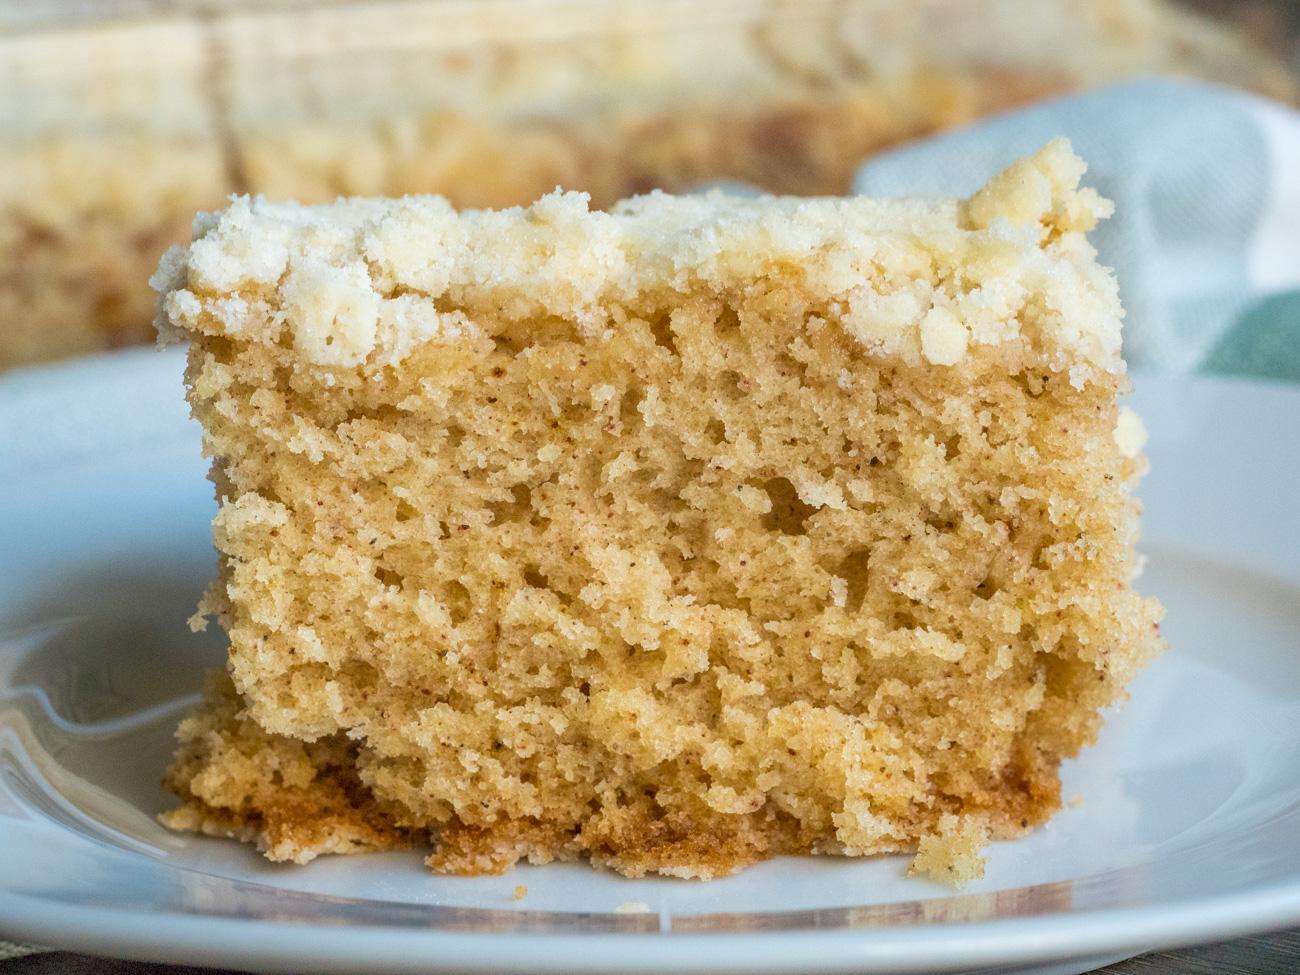 Tillie's Ginger Cake